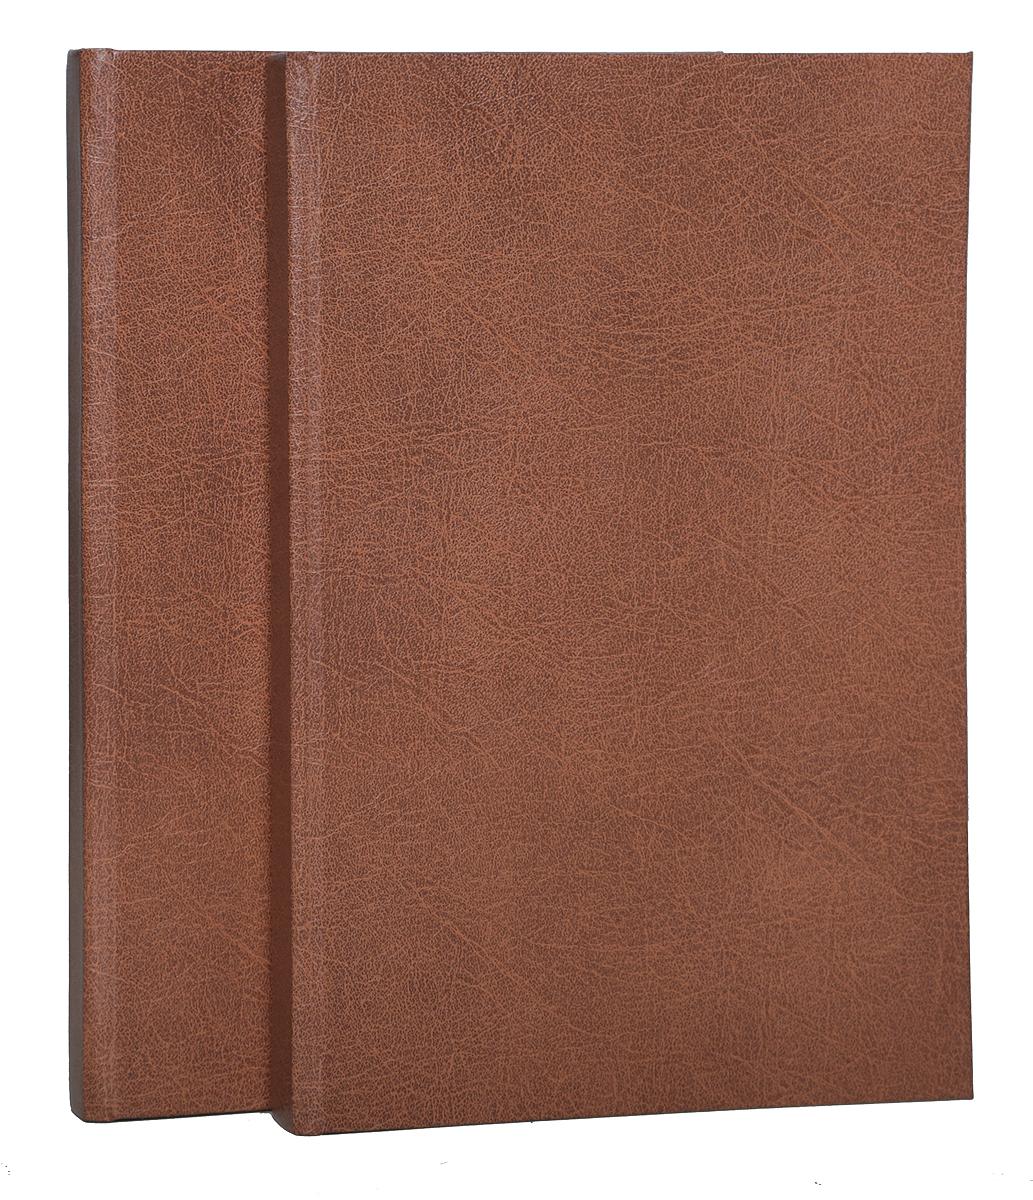 Журнал Научное обозрение. №№ 4, 5 за 1903 год (комплект из 2 книг)